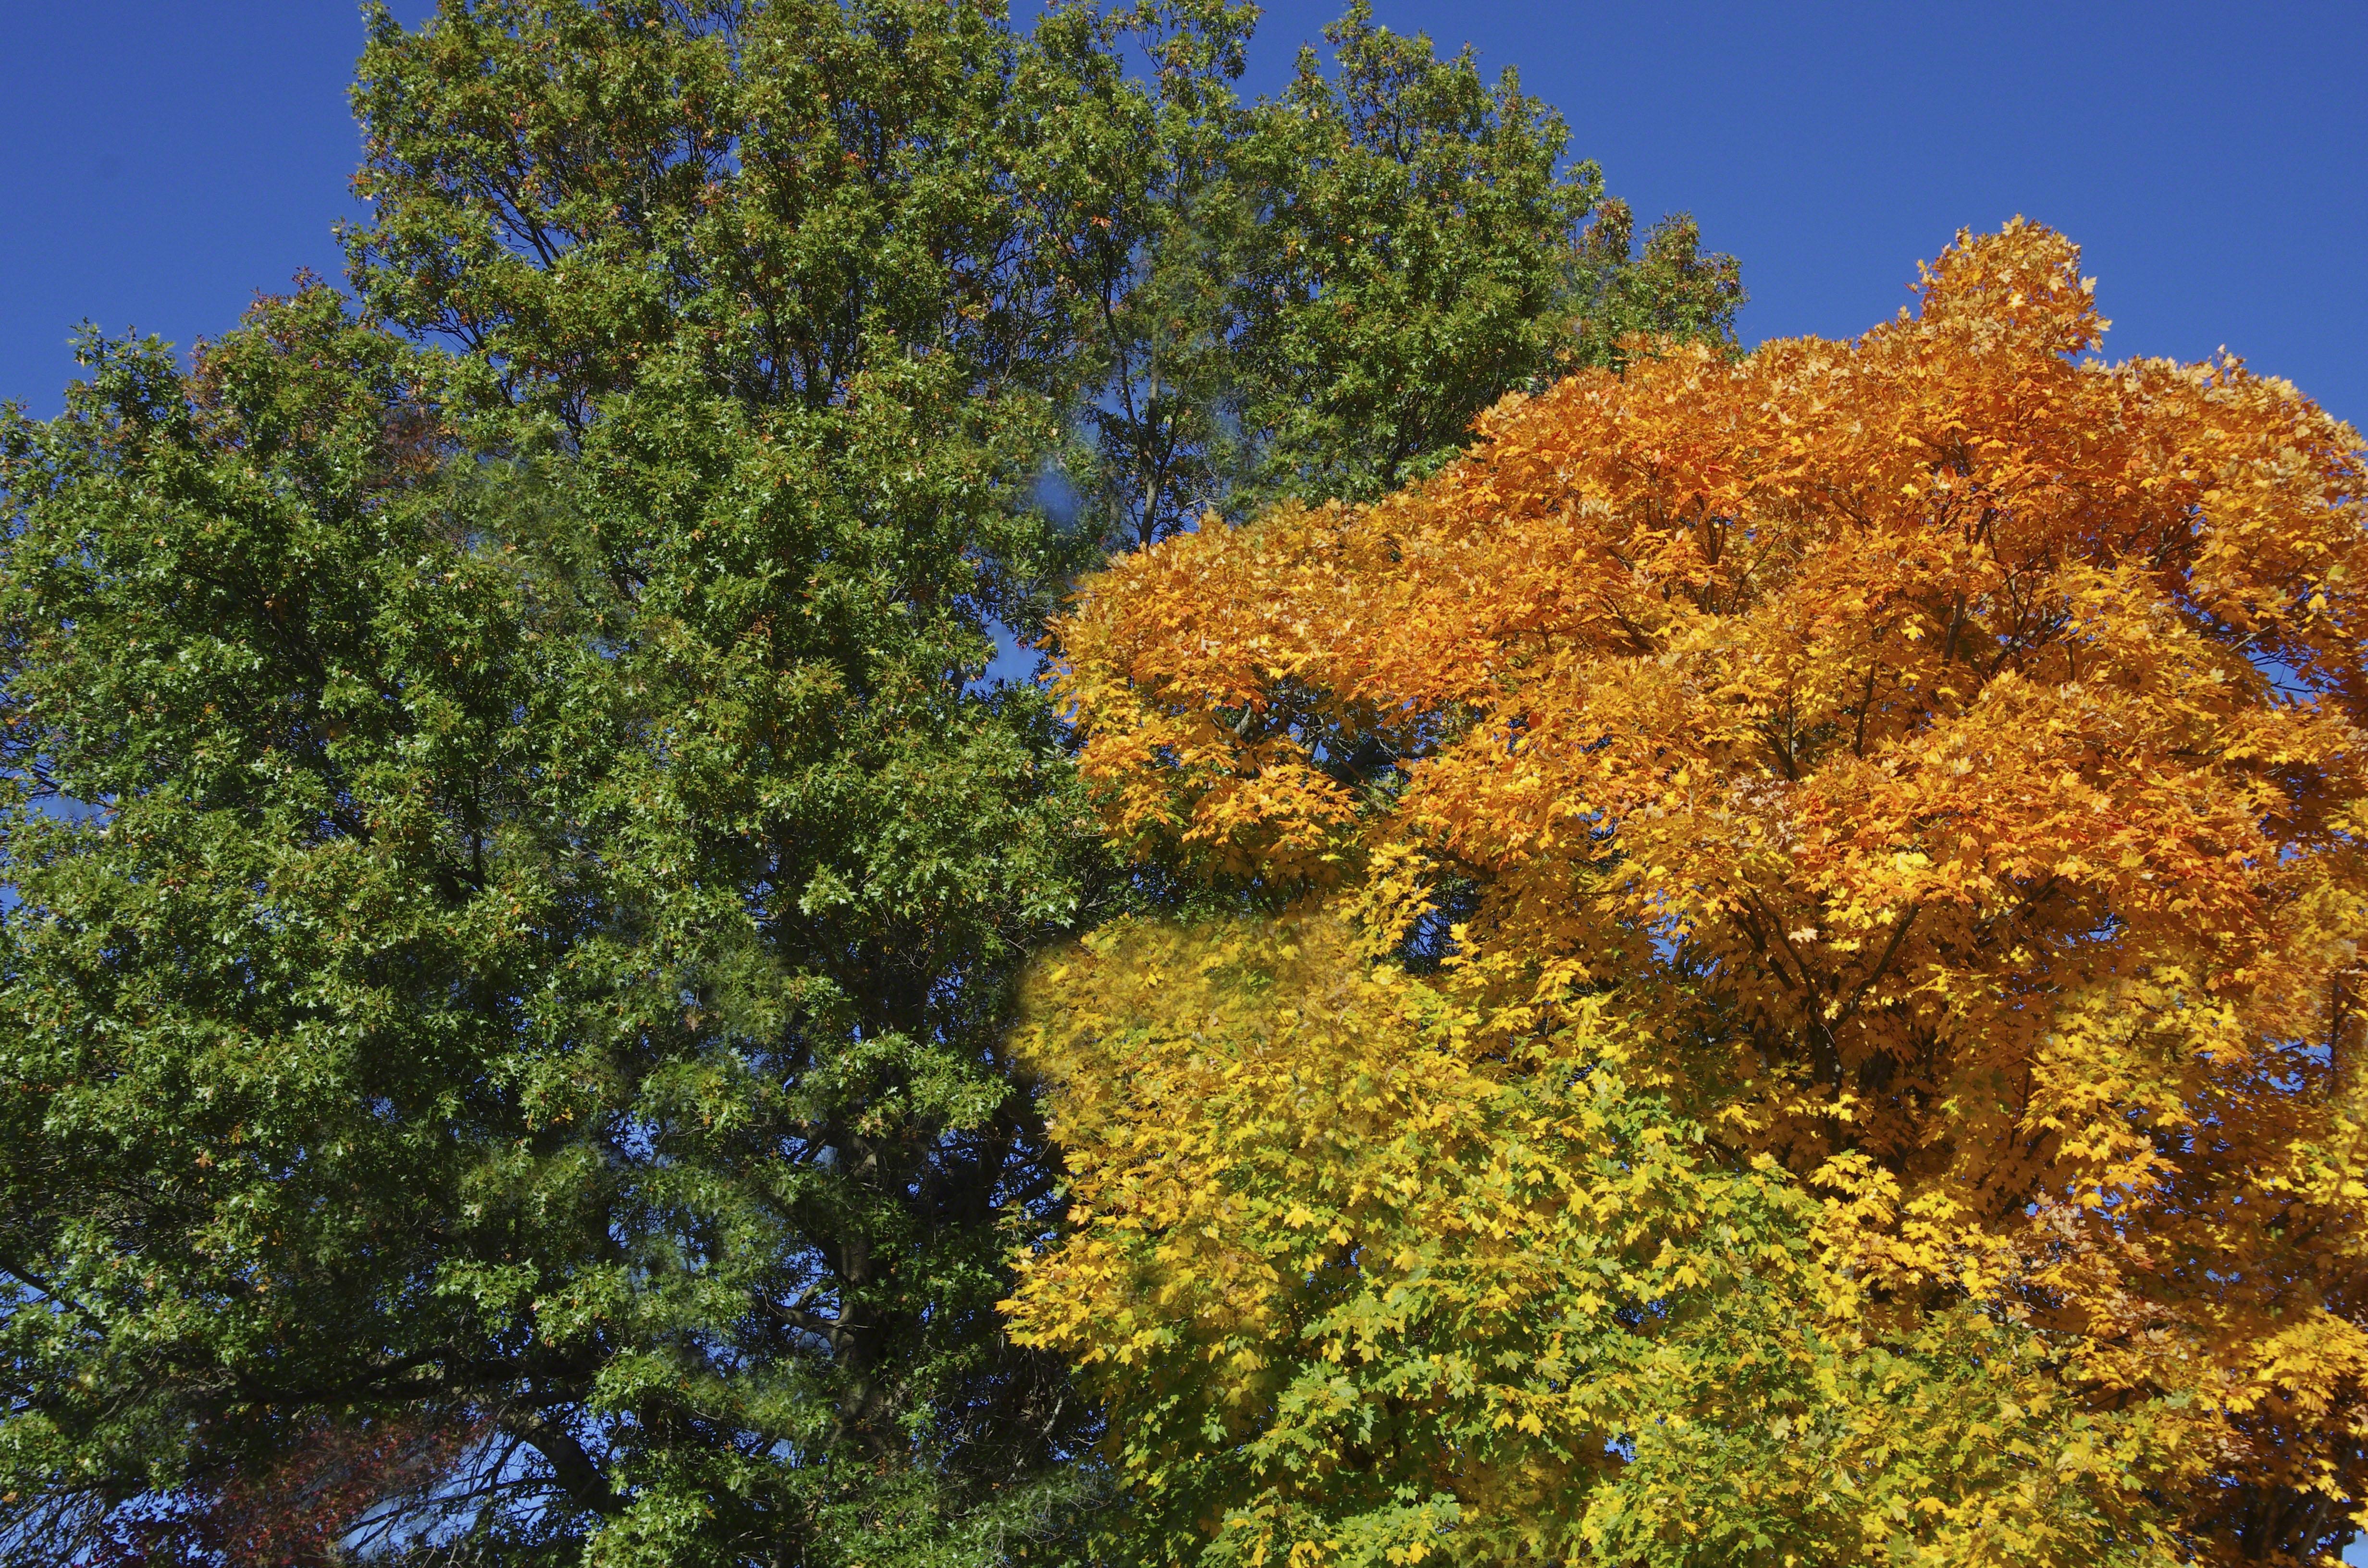 Fotos gratis rbol flor hojas perennes temporada for Arboles para veredas hojas perennes